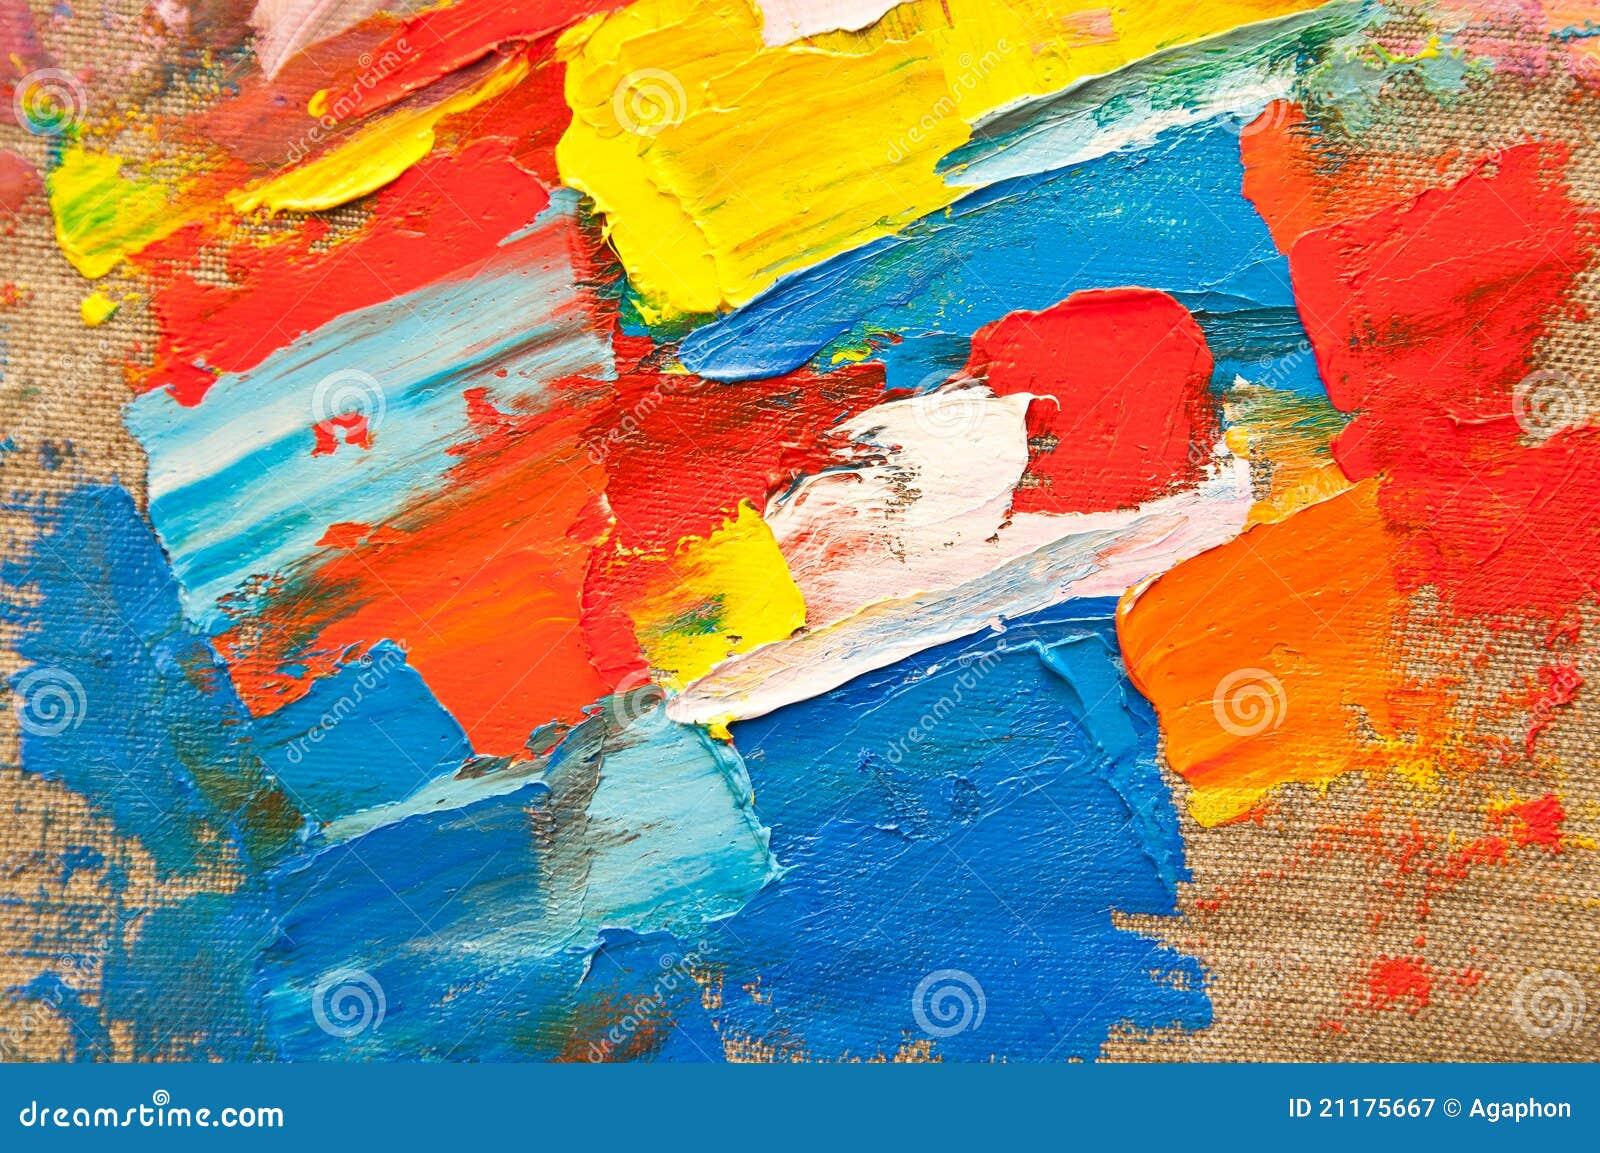 Colored Canvas